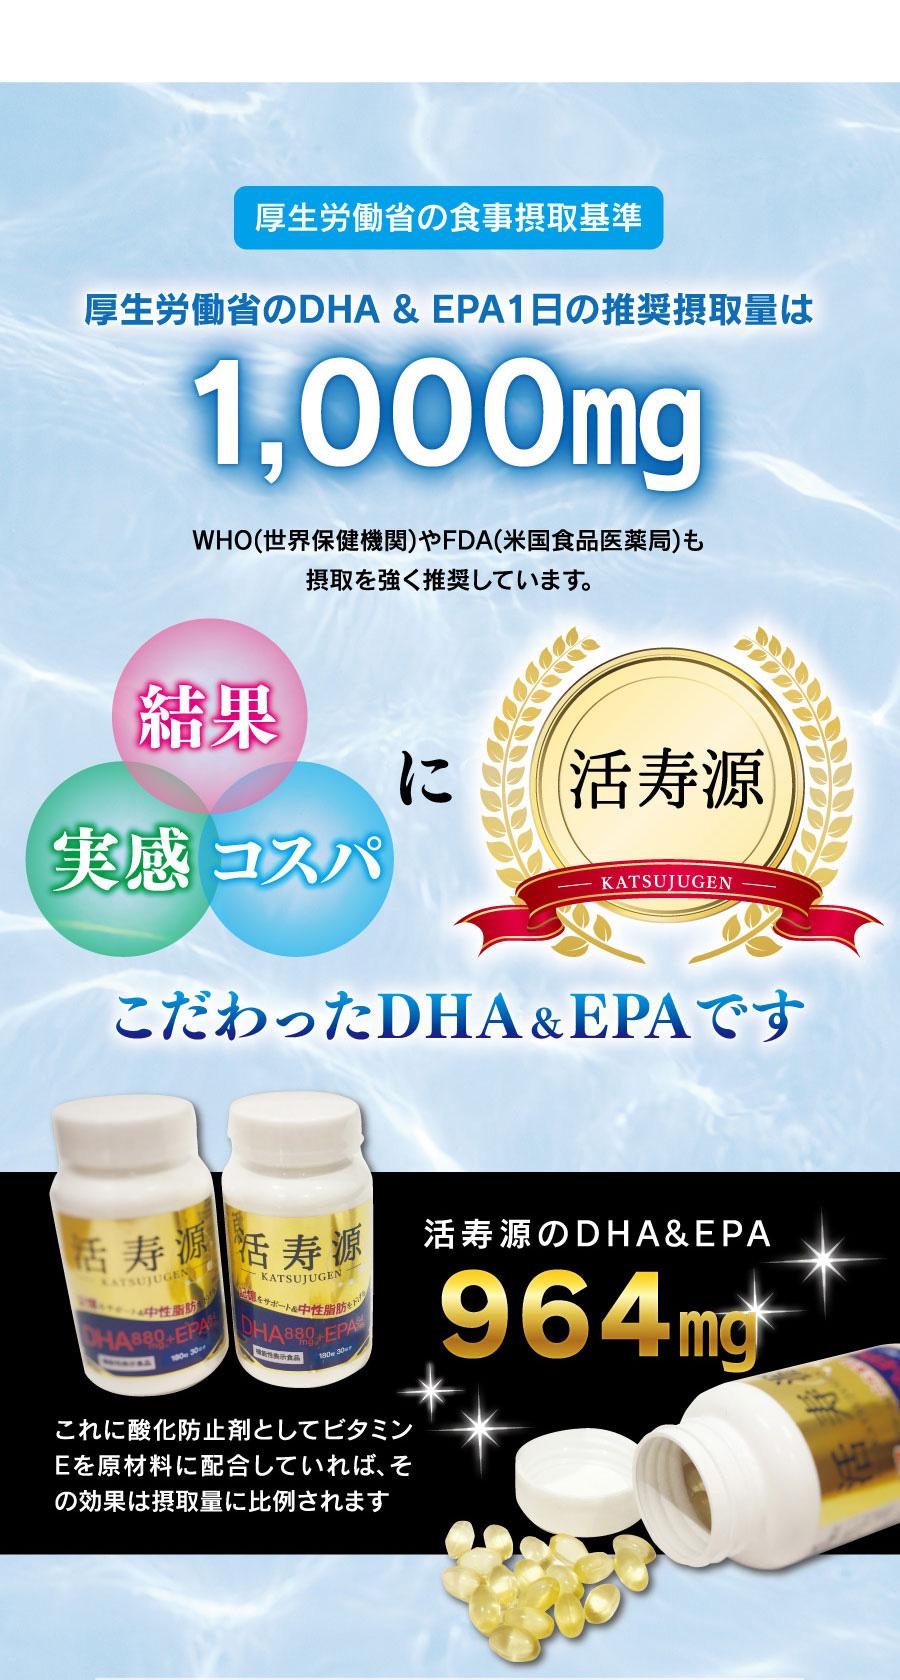 厚生労働省のDHA & EPA1日の推奨摂取量は1,000mg